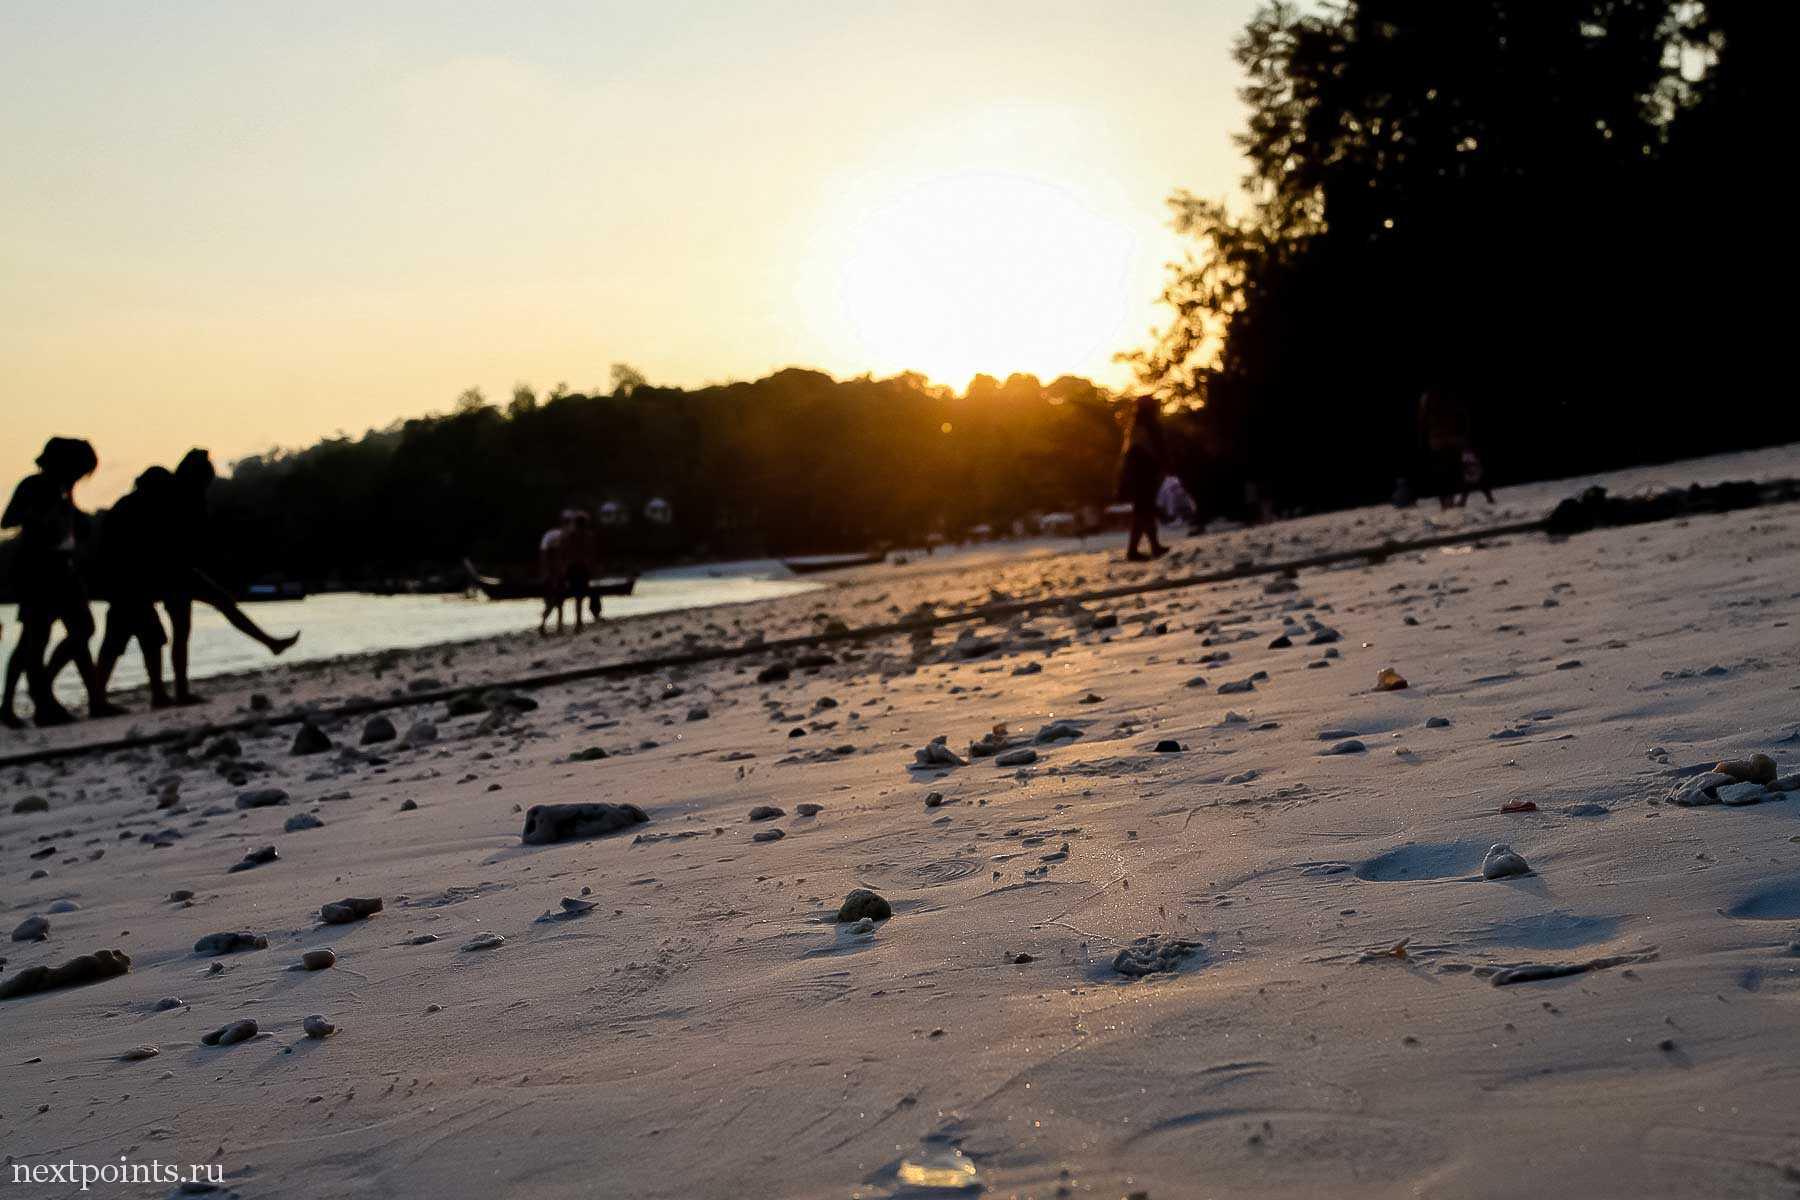 Закатное фото с уровня песка на пляже Паттая на острове Ко Липе